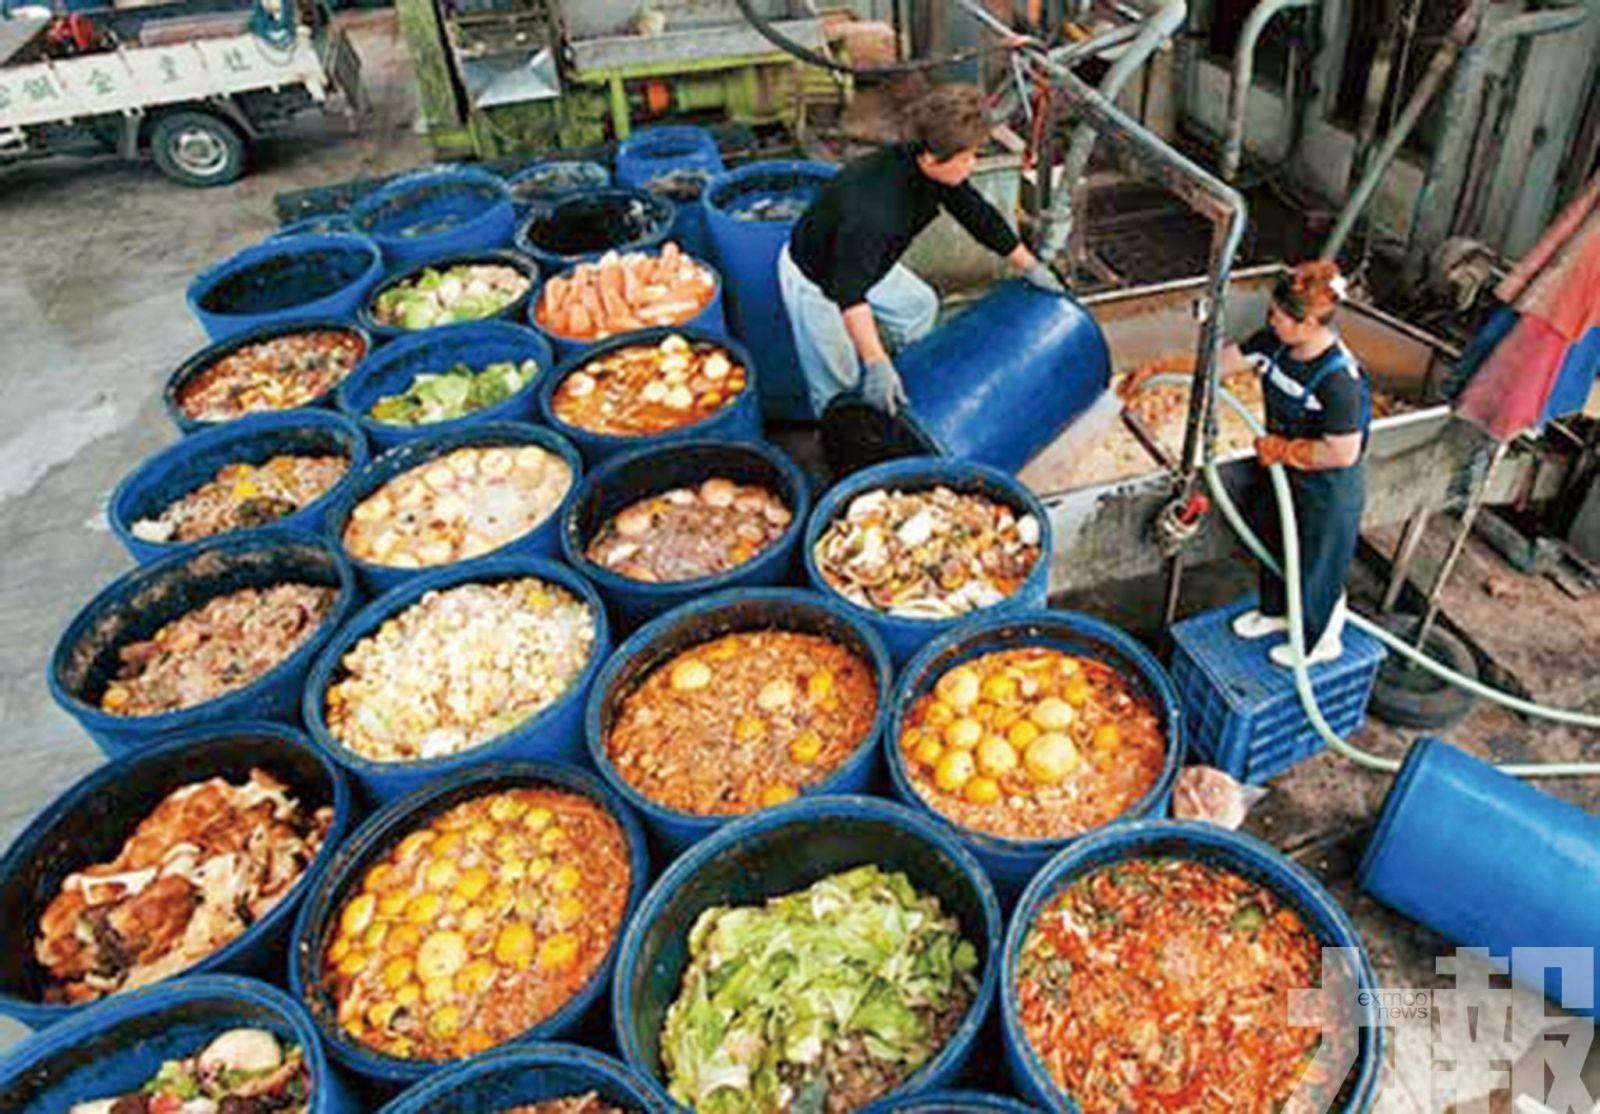 環保局:每日處理200噸廚餘